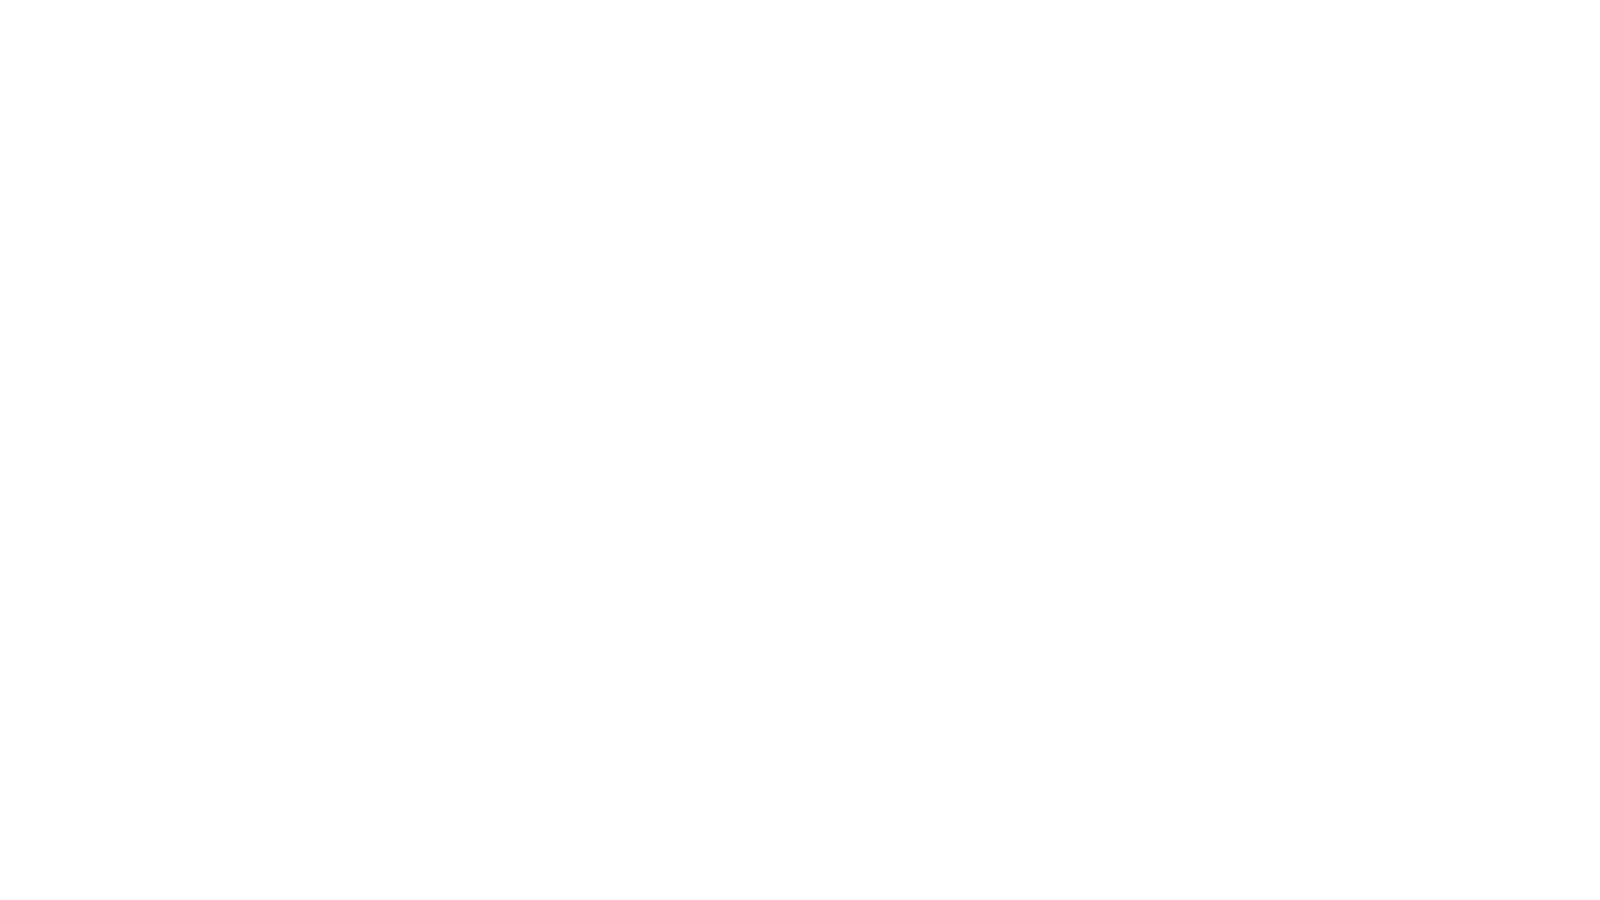 Unser Werbetruck ist da! Symbolisch steht dieser Truck für Zusammenhalt, Treue und Zuverlässigkeit, so wie es sich im Revier gehört. Zusammen mit der Stanke GmbH, welche uns seit nunmehr 12 Jahren als Partner im Bereich Transport und Logistik, zur Seite steht, konnten wir dieses Projekt realisieren.  Der Sattelzug wird überwiegend in Nordrhein-Westfalen im Einsatz sein und sicher werdet ihr ihn, auch auf der Straße treffen. Wir sind sehr stolz darauf und wünschen allzeit gute Fahrt!  #brockkehrtechnik #werbetruck #sattelzug #vertrauen #zusammenhalt #treue #loyalität #ruhrgebiet #bochum #transport #logistik